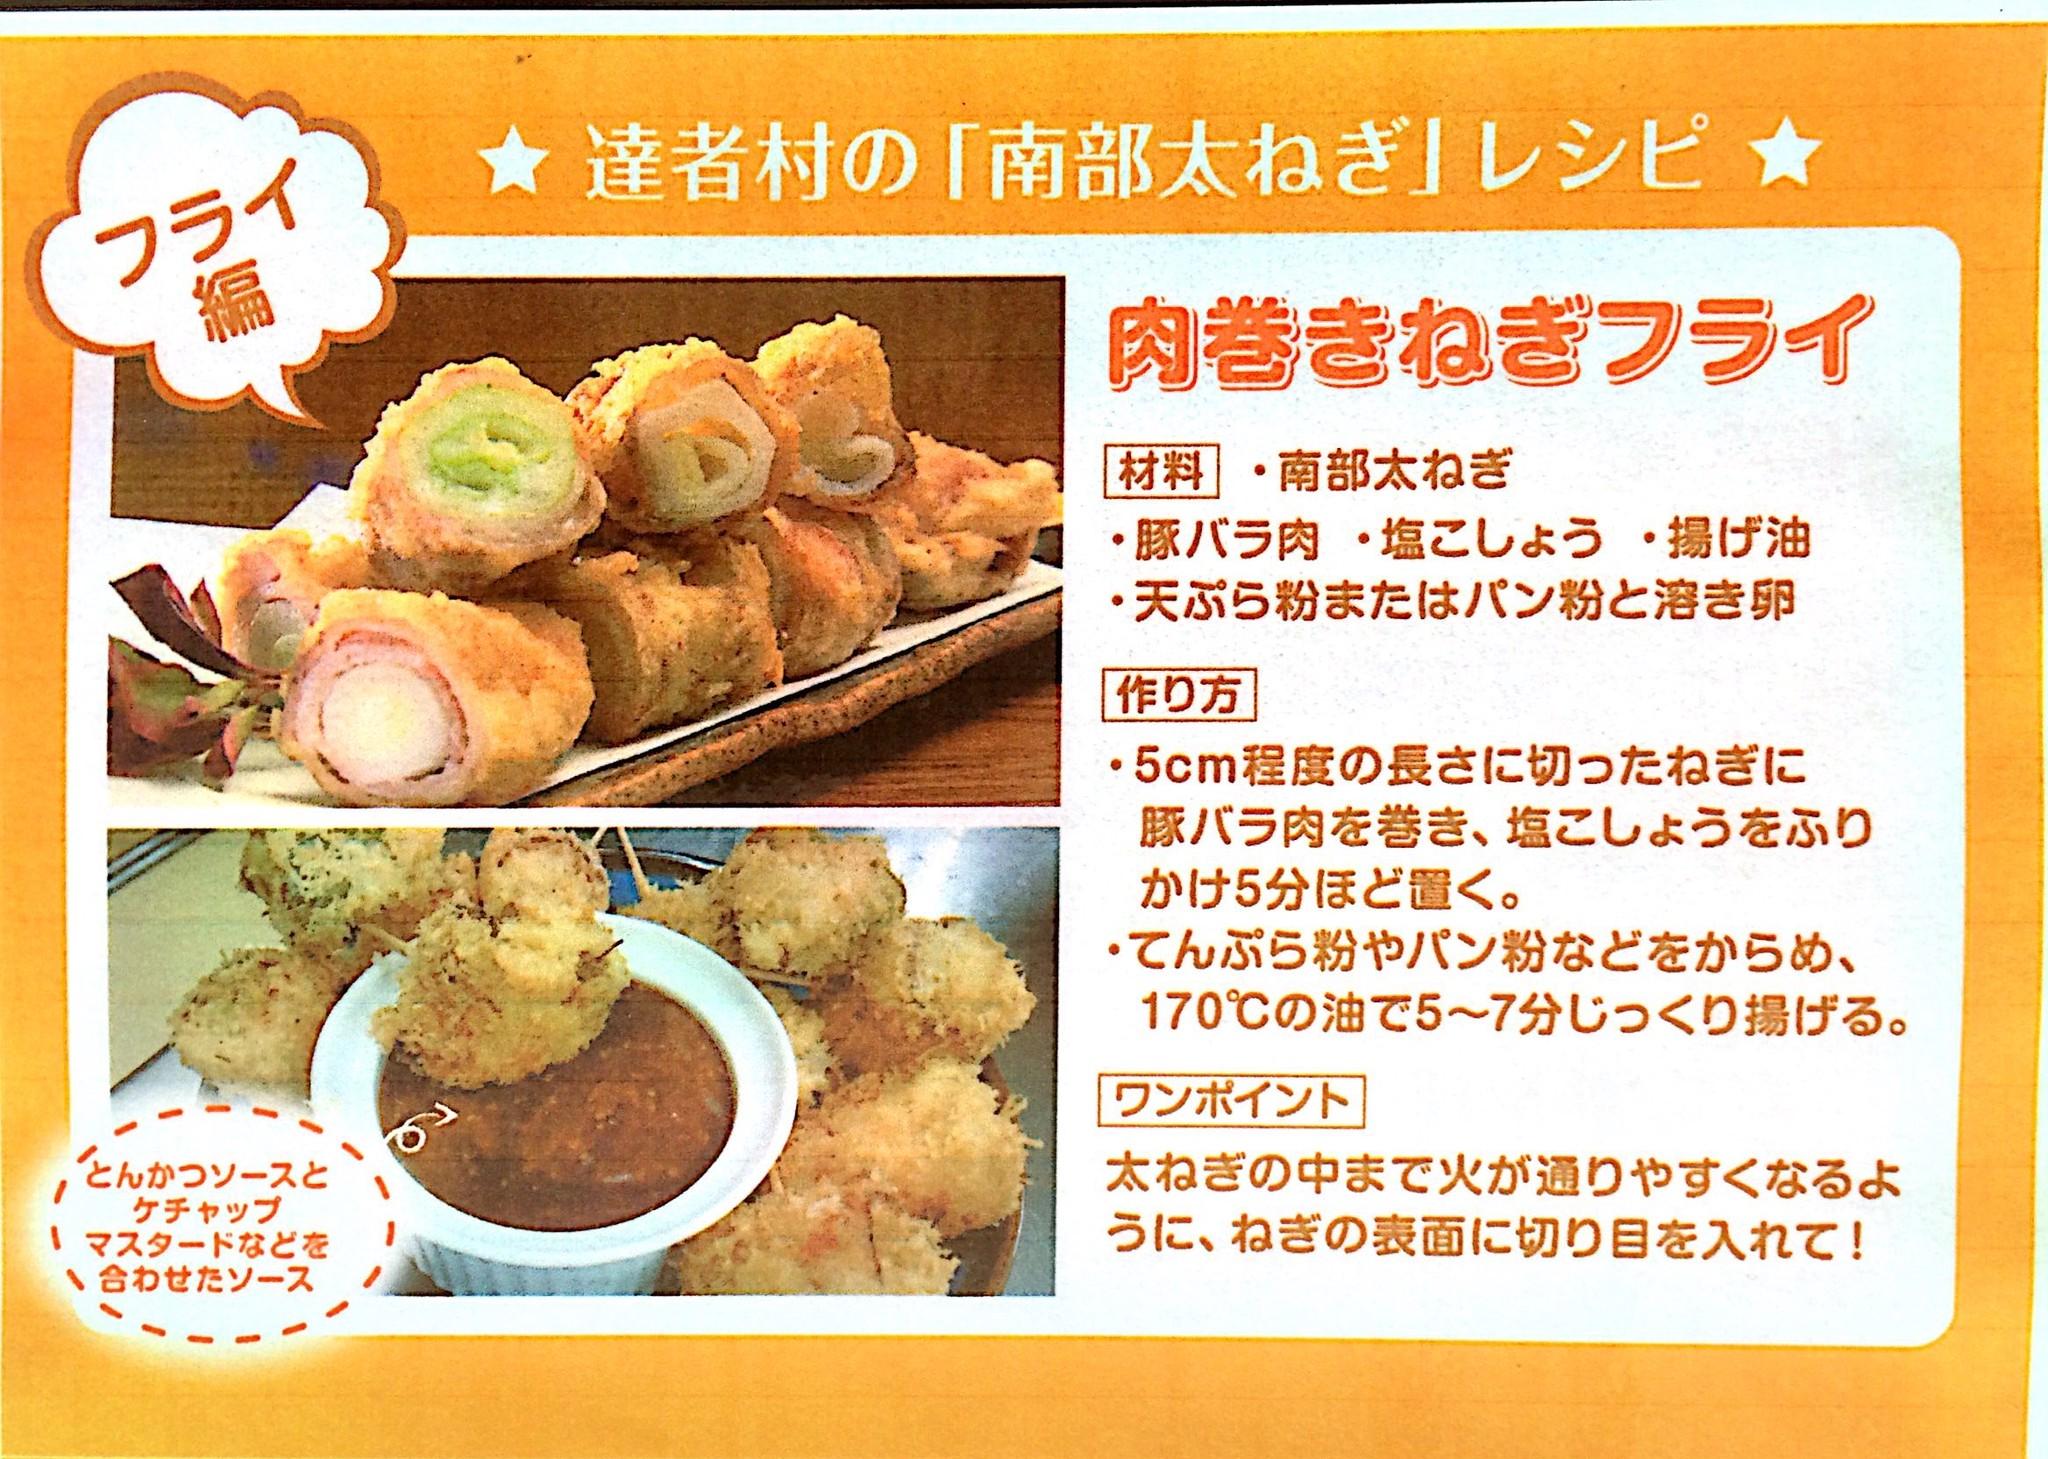 絶品!肉巻きねぎフライ - 達者村「南部太ねぎ」レシピ(フライ編)